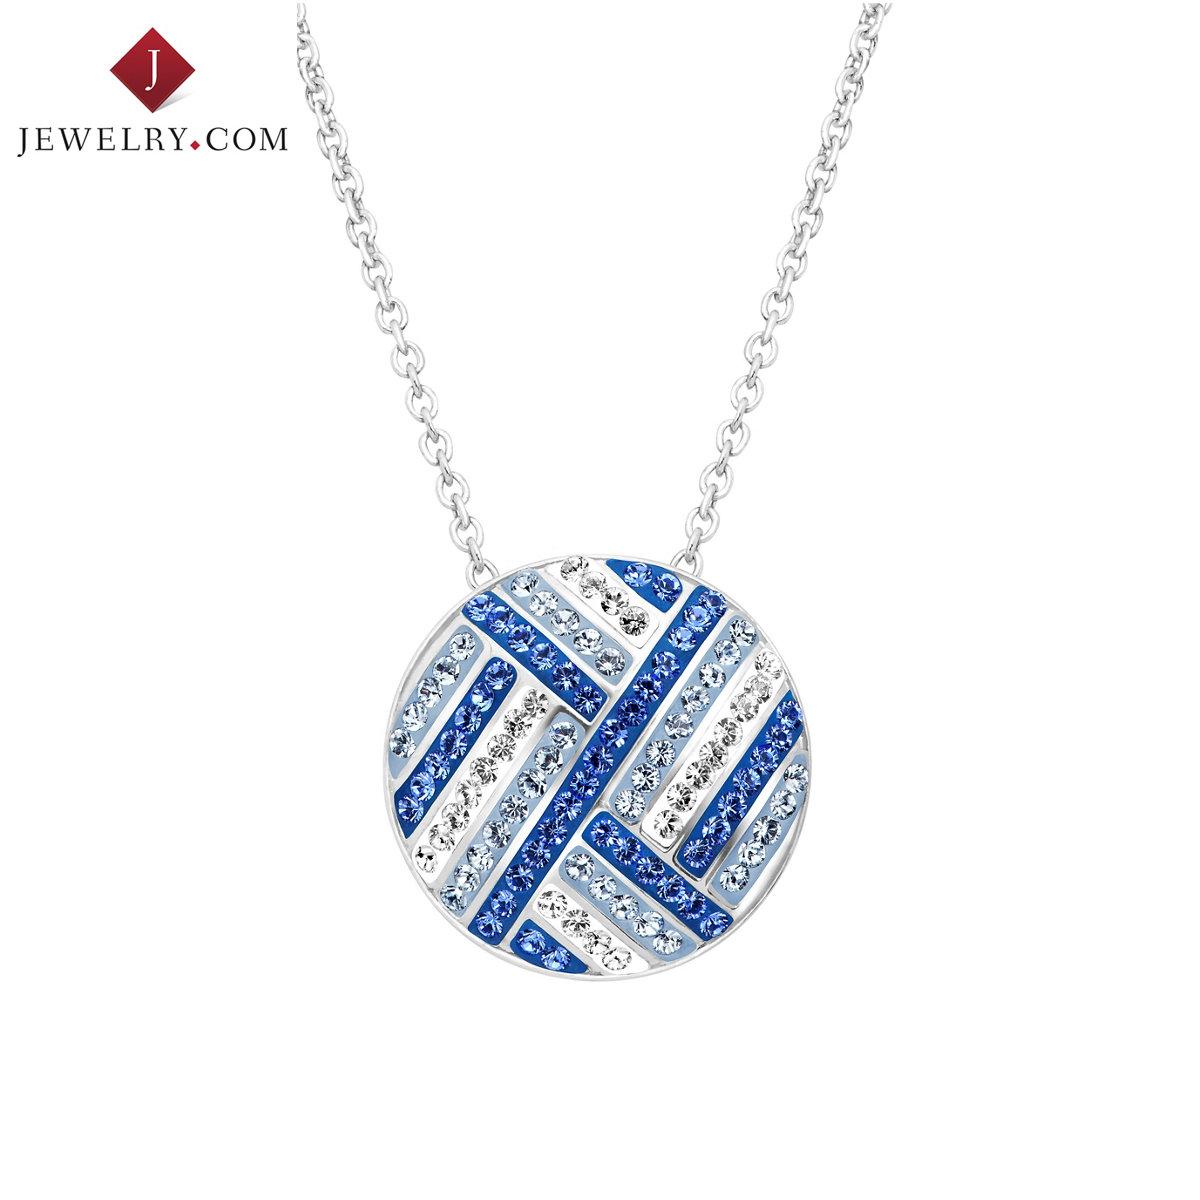 Crystaluxe 925 серебро инкрустация синий сваровски мир странный элемент кристалл круг круг подвески отправить ожерелье новые товары